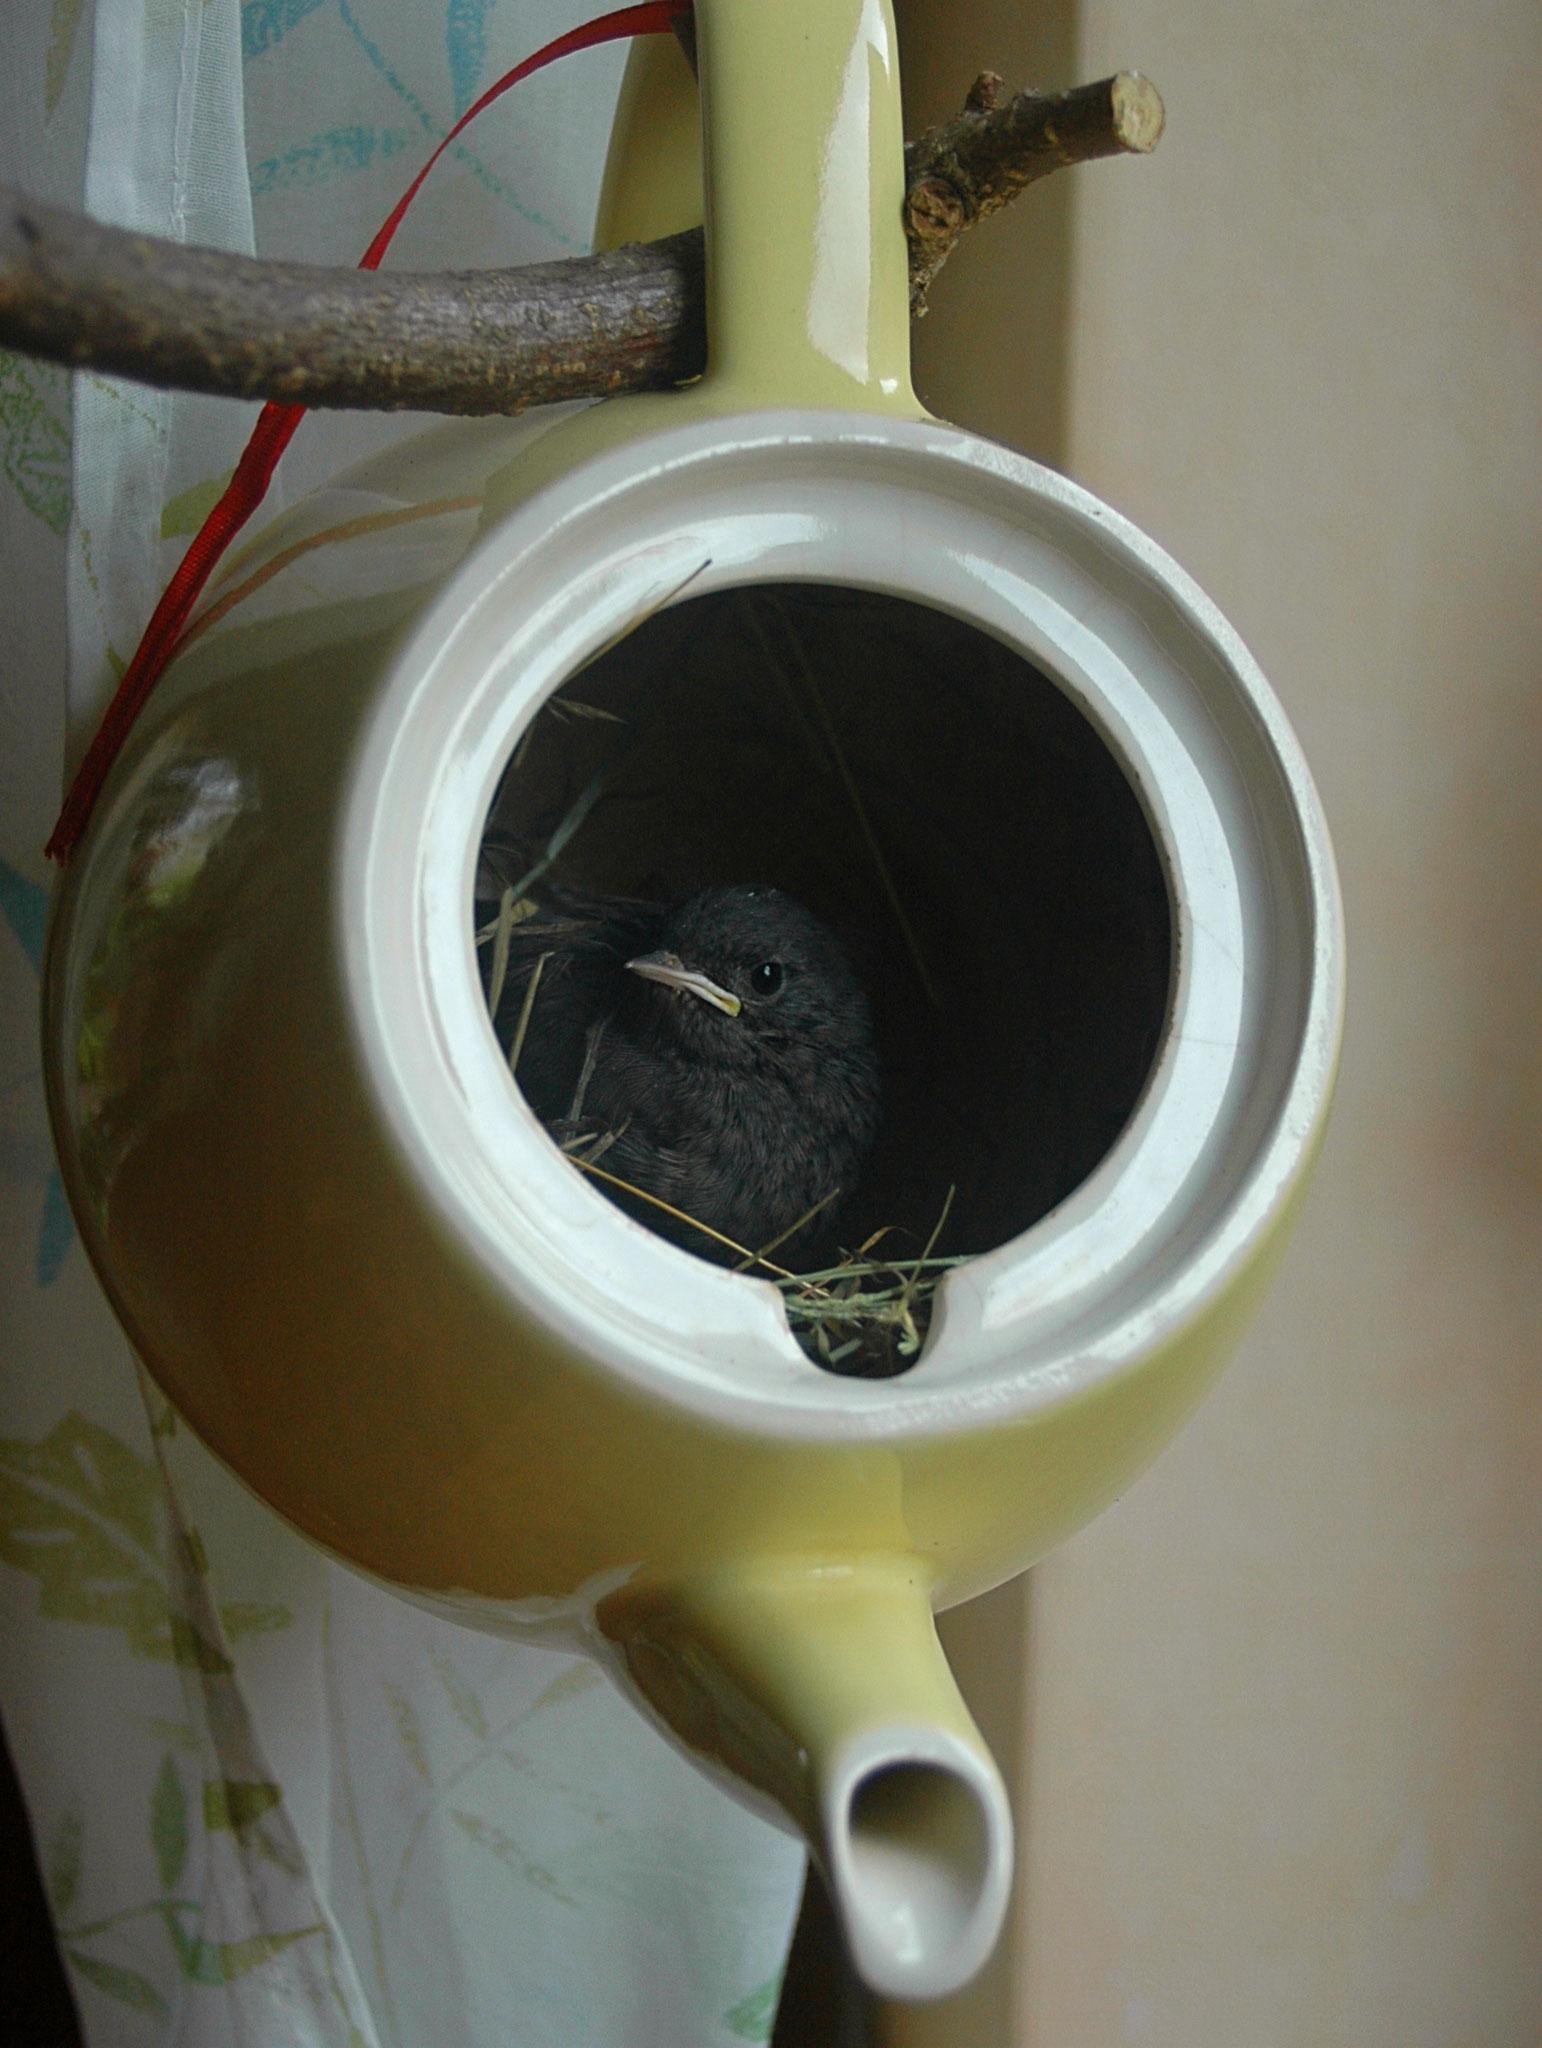 zwei Tage, bevor er wieder zu seiner Familie kam, wollte er unbedingt aus dem Fenster schauen - dieser ungewöhnliche Vogelkäfig tat da beste Dienste - Foto: Britta Raabe